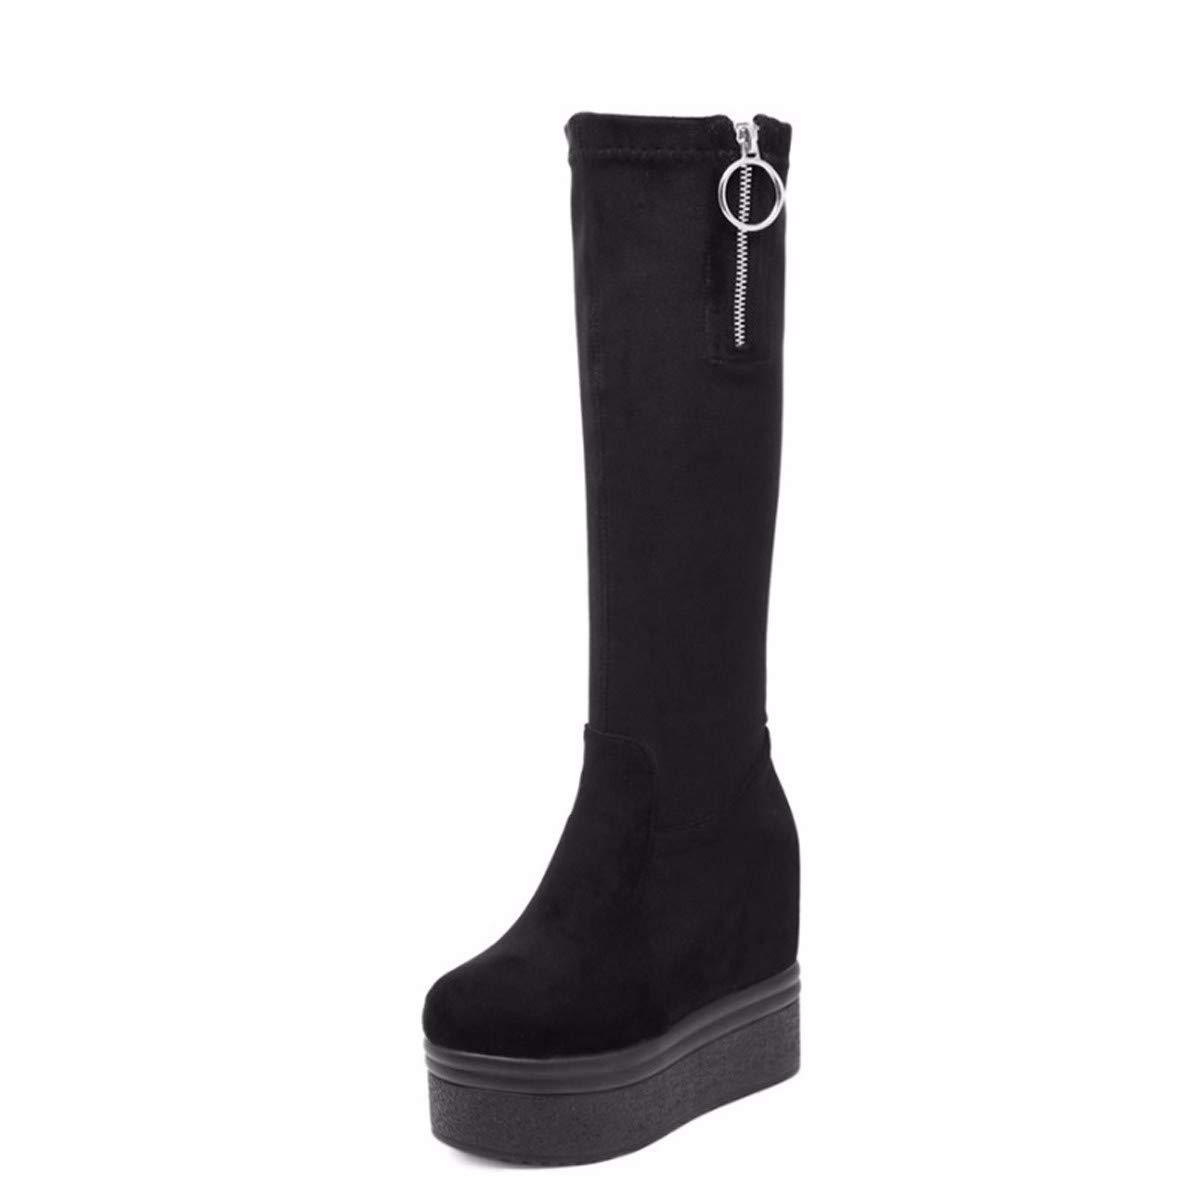 LBTSQ Damenschuhe Die Innere Größe Dicke Sohle Heel 12 cm Hohe Stiefel Steigung Schuft Aber Das Knie Stiefel